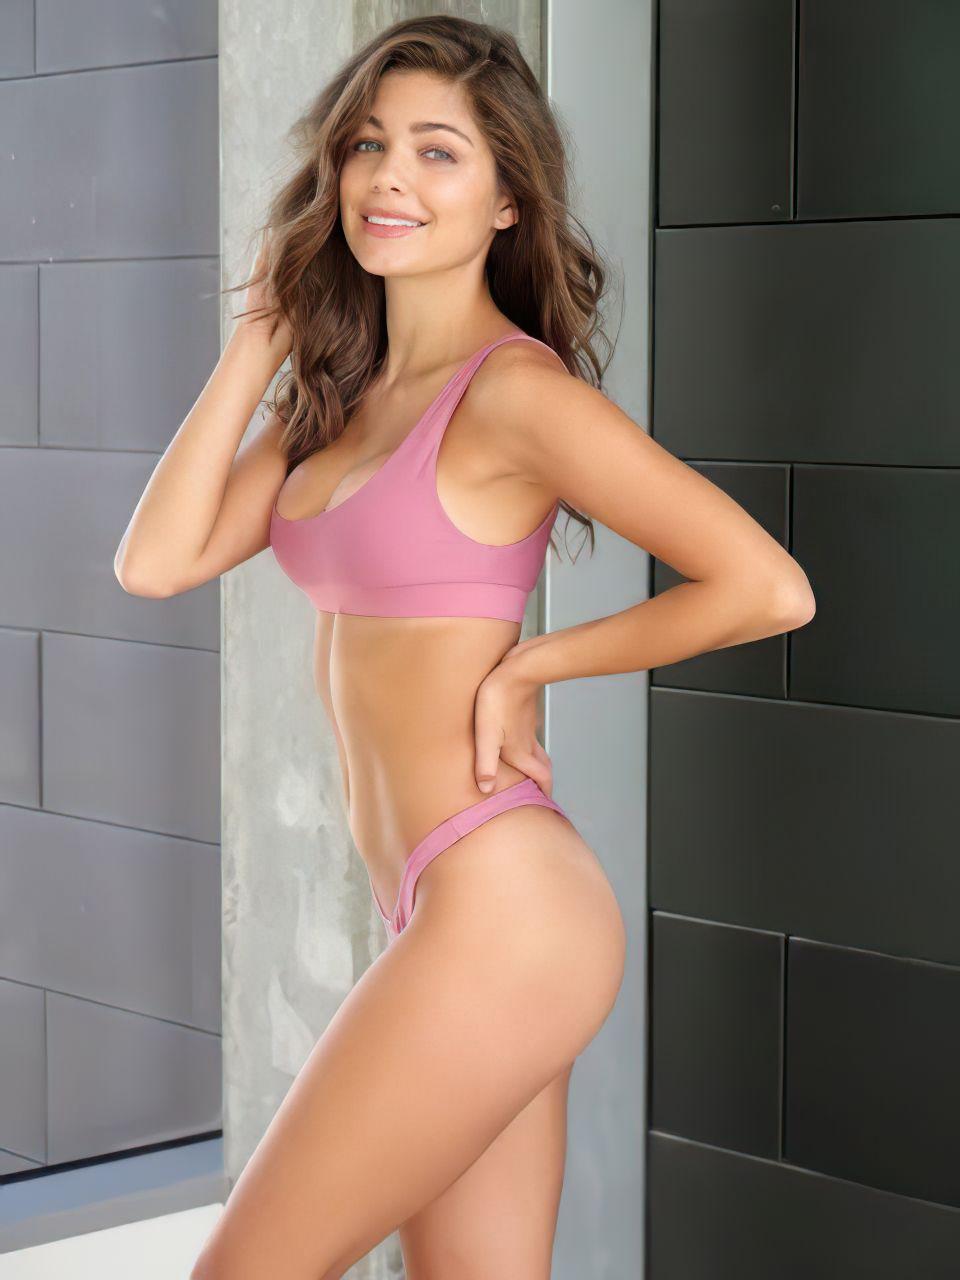 Hannah-Ann Sluss Sexy (24 Photos)